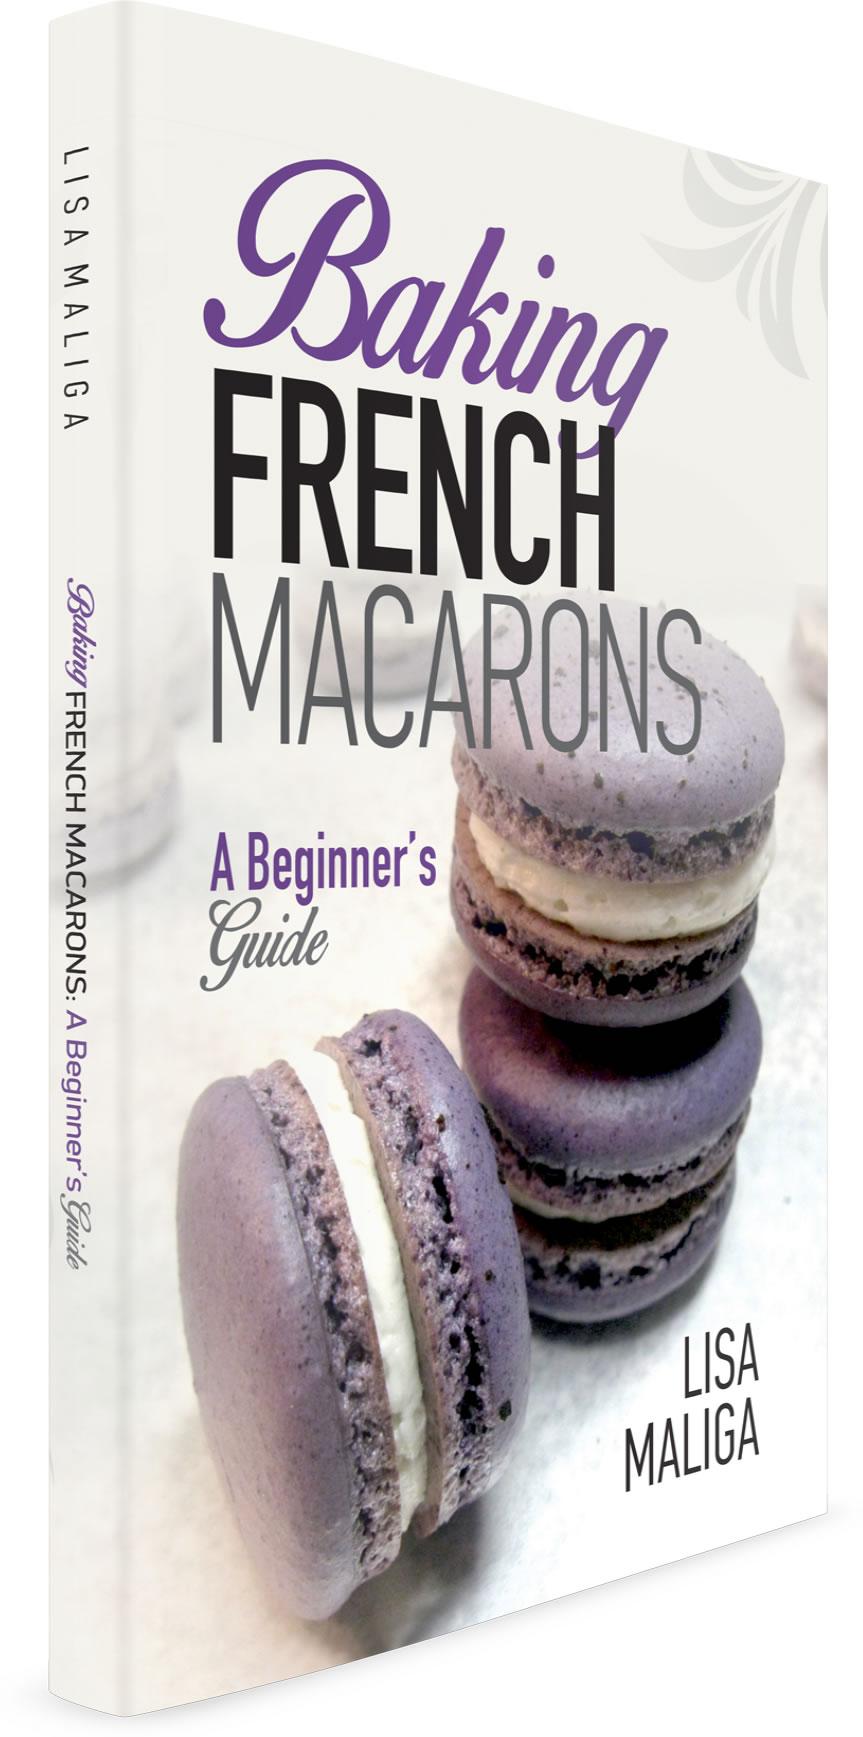 Baking_French_Macarons_A_Beginners_Guide_3da